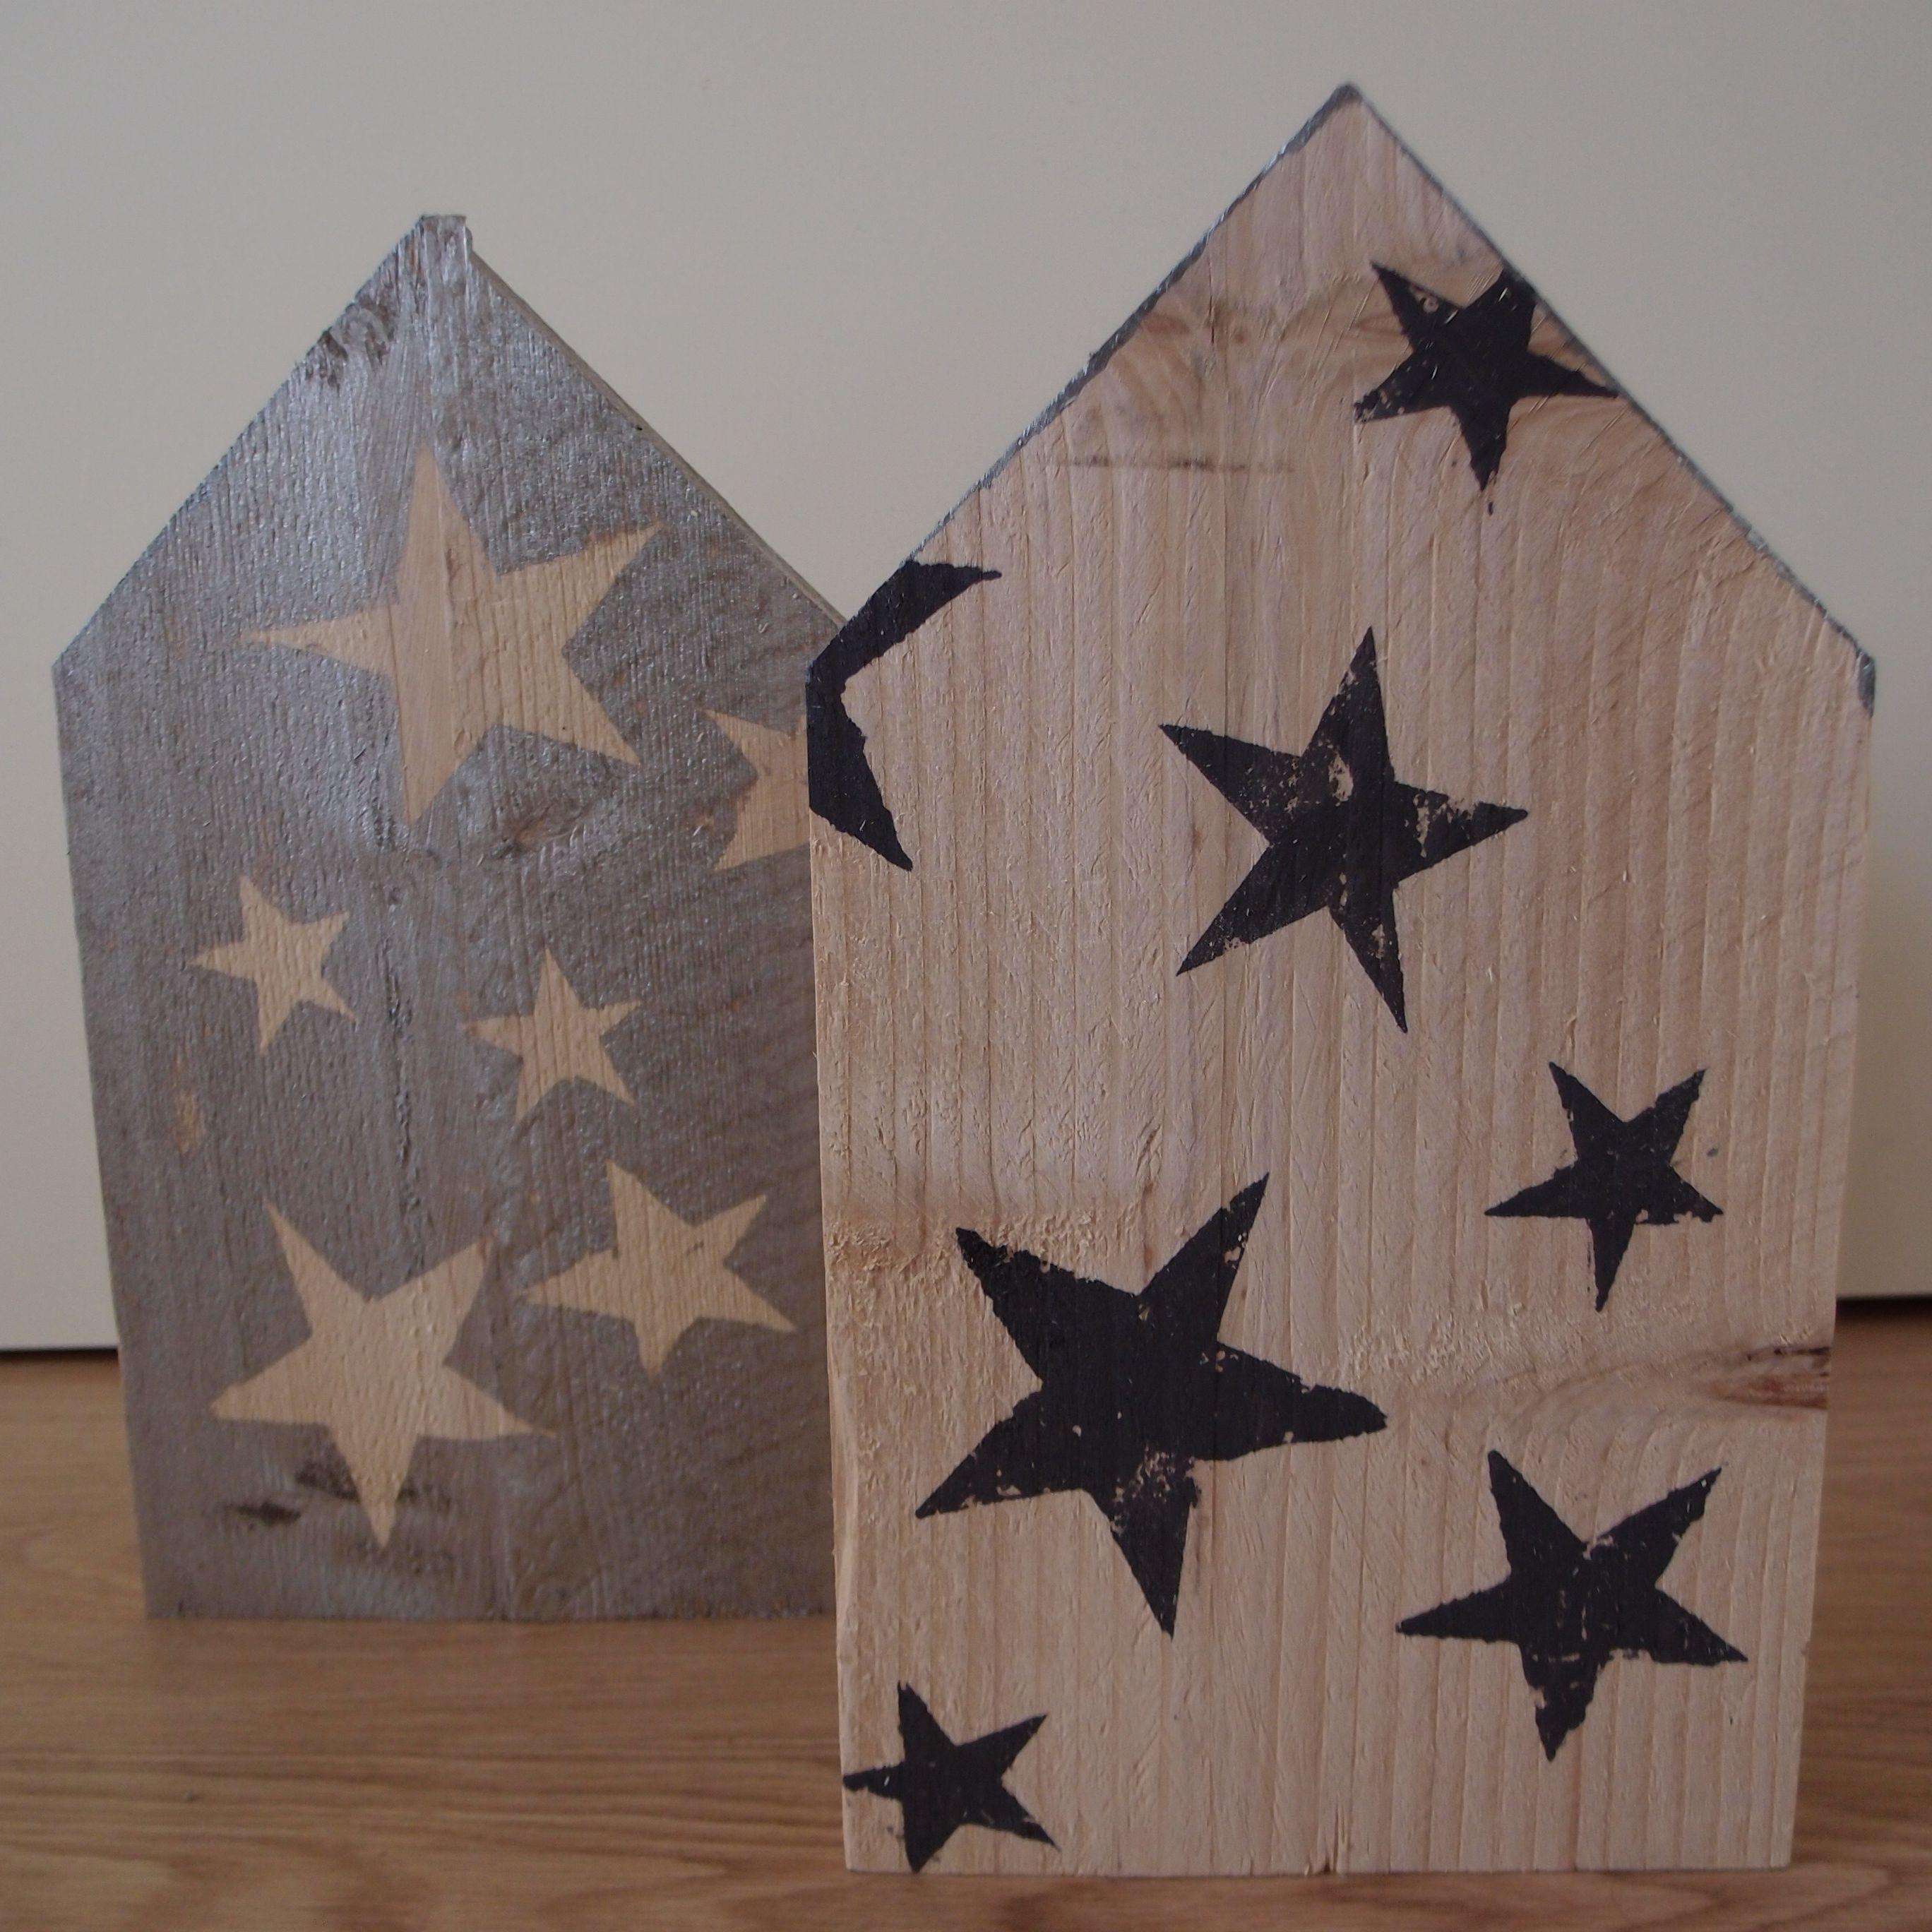 2 decoratieve steigerhouten huizen die rechtop kunnen worden neergezet. Beschilderd met behulp van stervormige  sjablonen. Mede mogelijk gemaakt door de Karwei. Gemaakt door Marleen van de Kraats